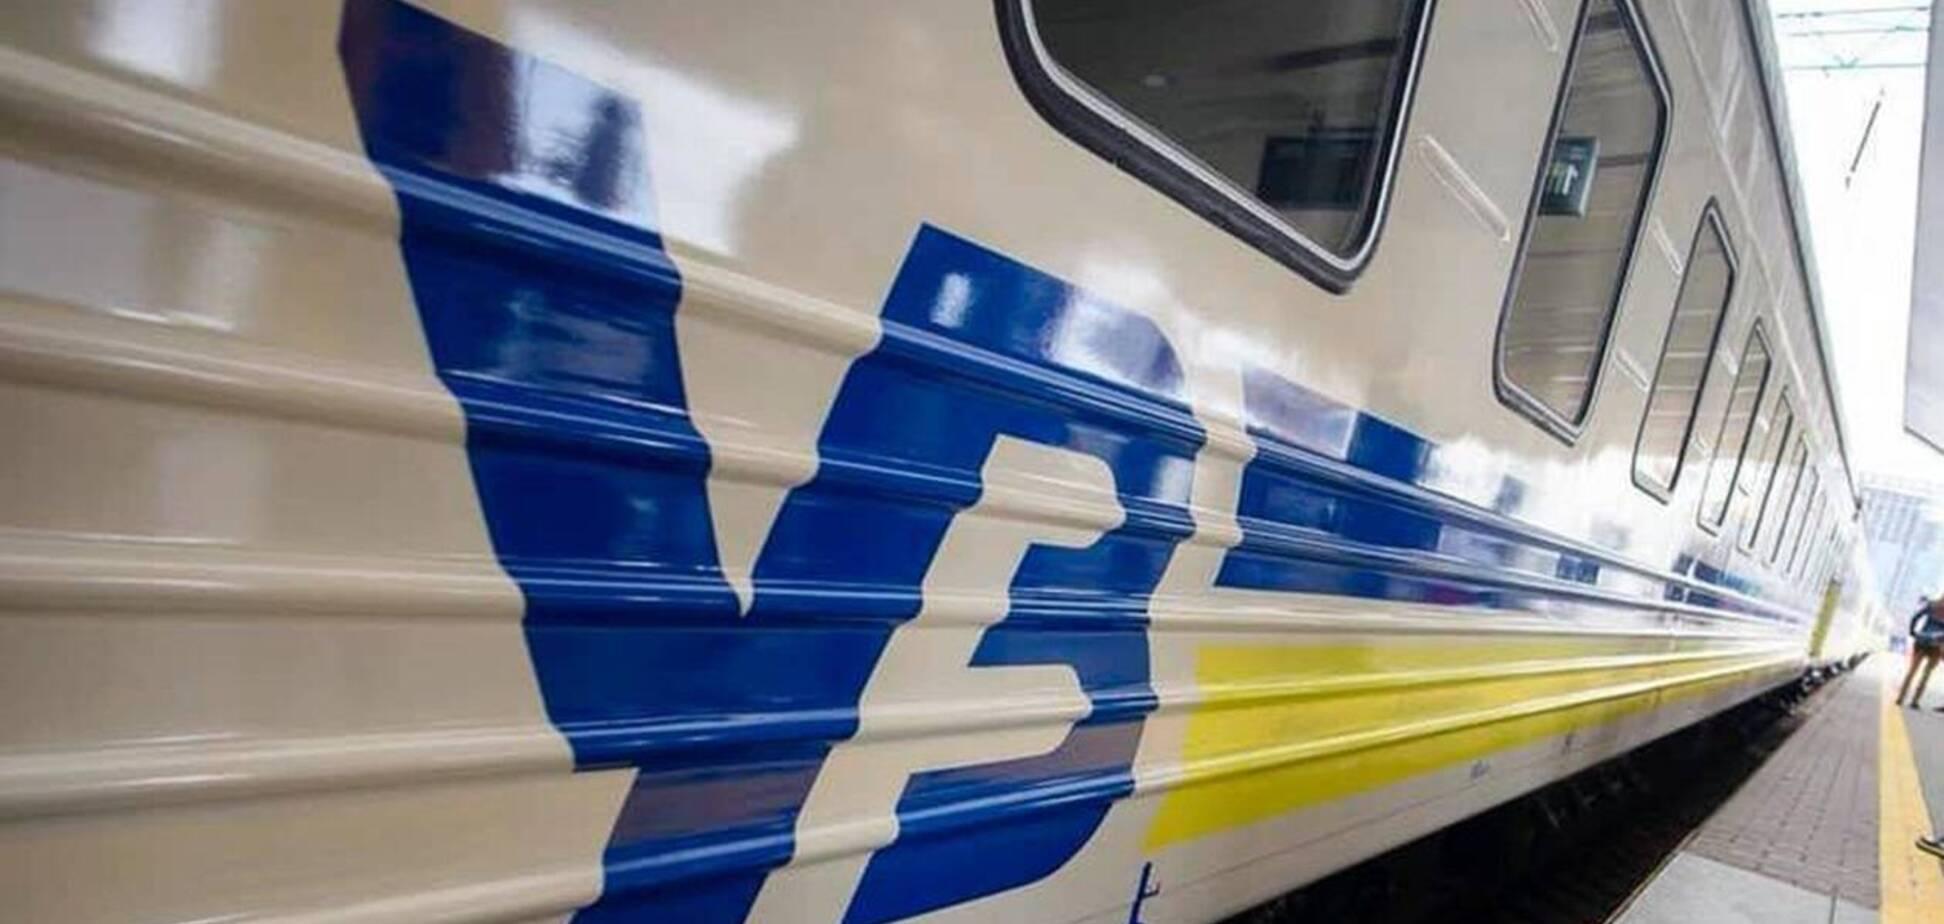 У поїзді Київ-Кривий Ріг регулярно грабують пасажирів: що відомо